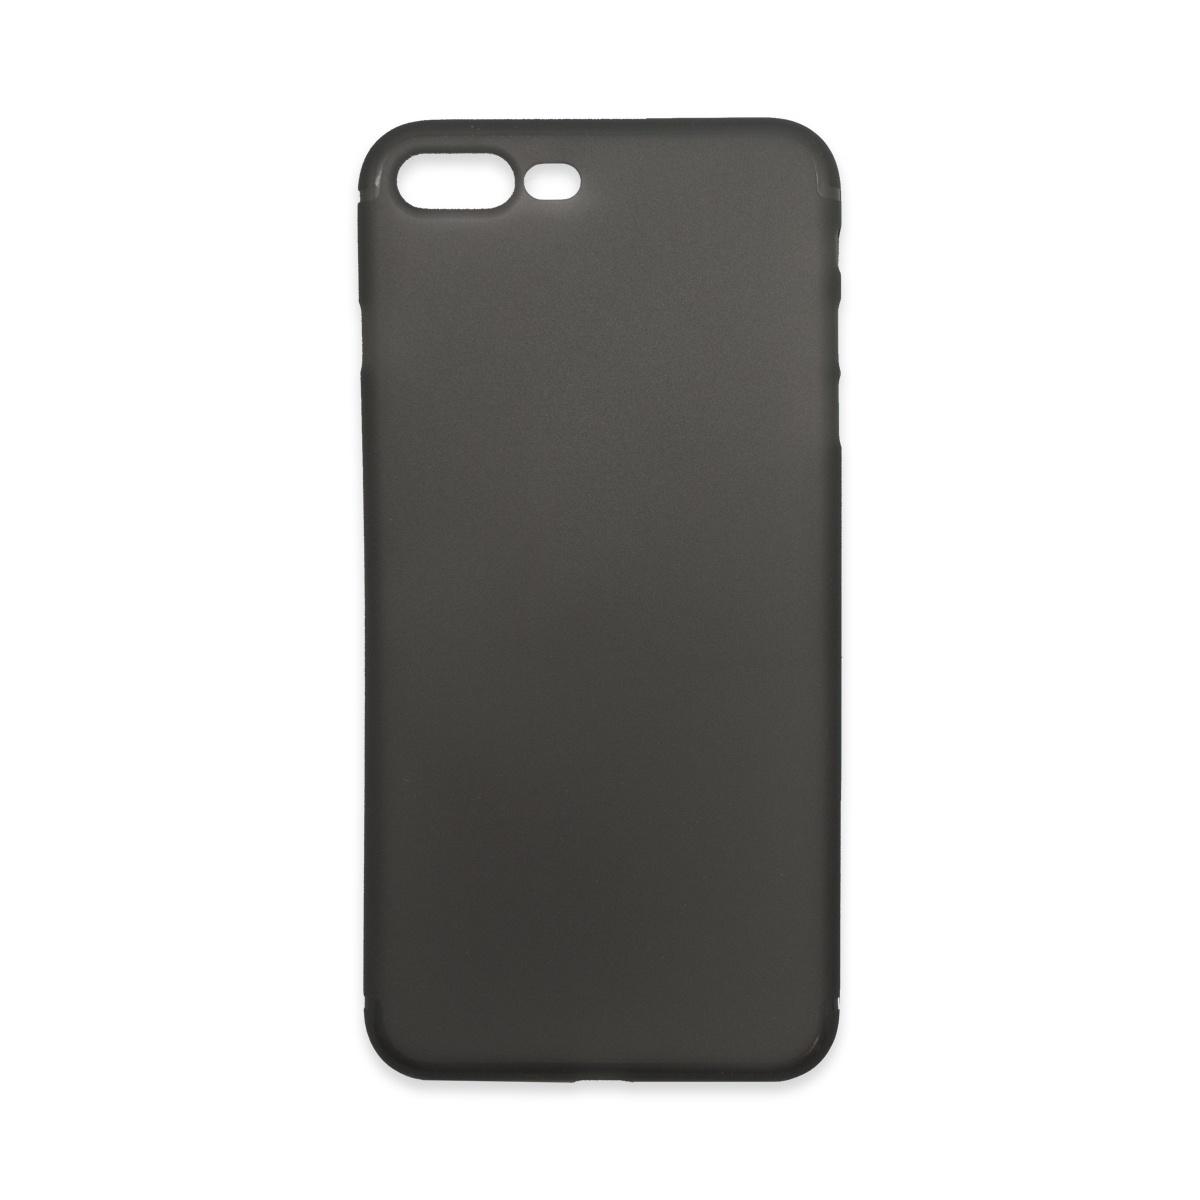 Чехол для сотового телефона IQ Format Iphone 7 plus ультра тонкая, 4627104428231, черный iq format чехол крышка iq format slim для apple iphone 7 plus 8 plus пластик голубой